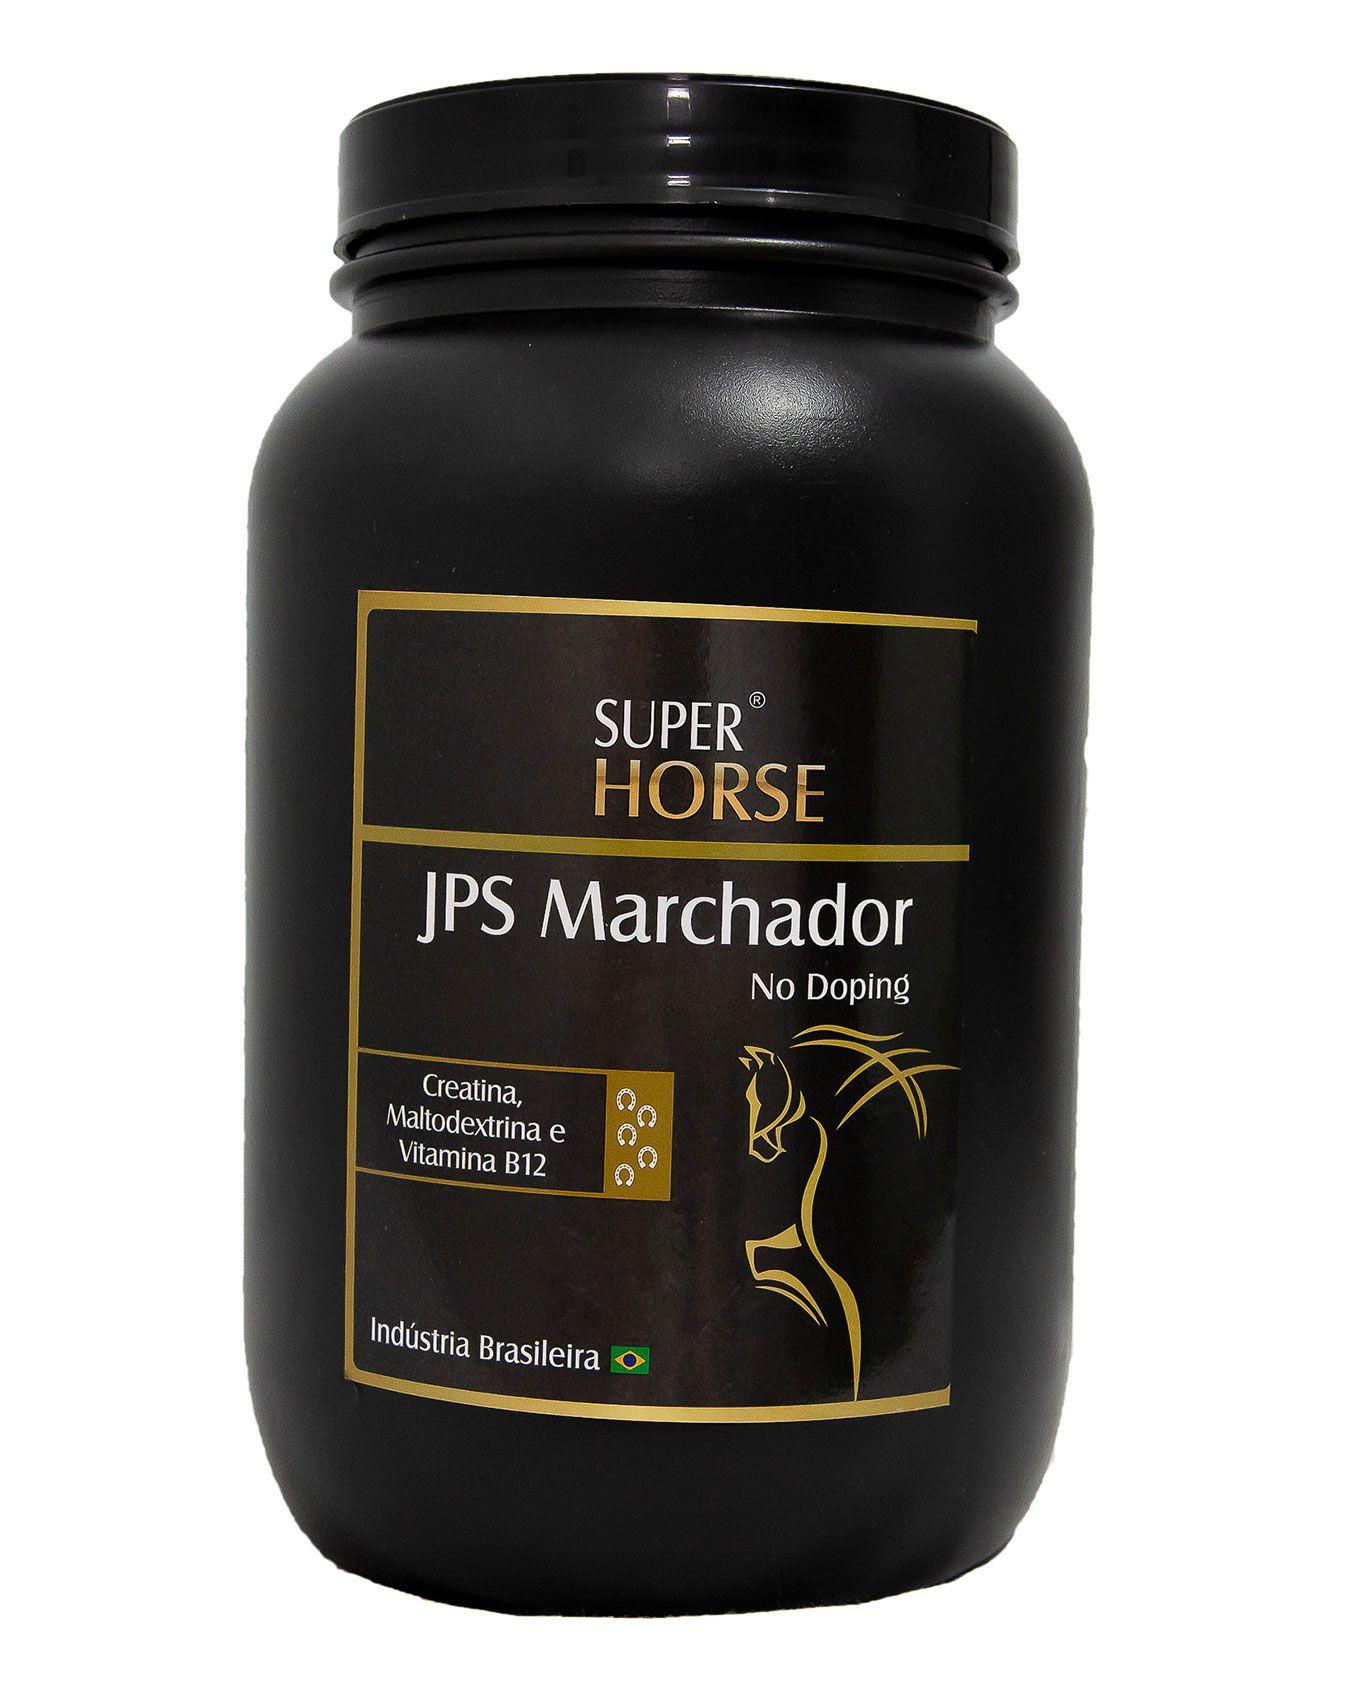 Super Horse JPS Marchador,  2,5 kg rende em até 100 dias.